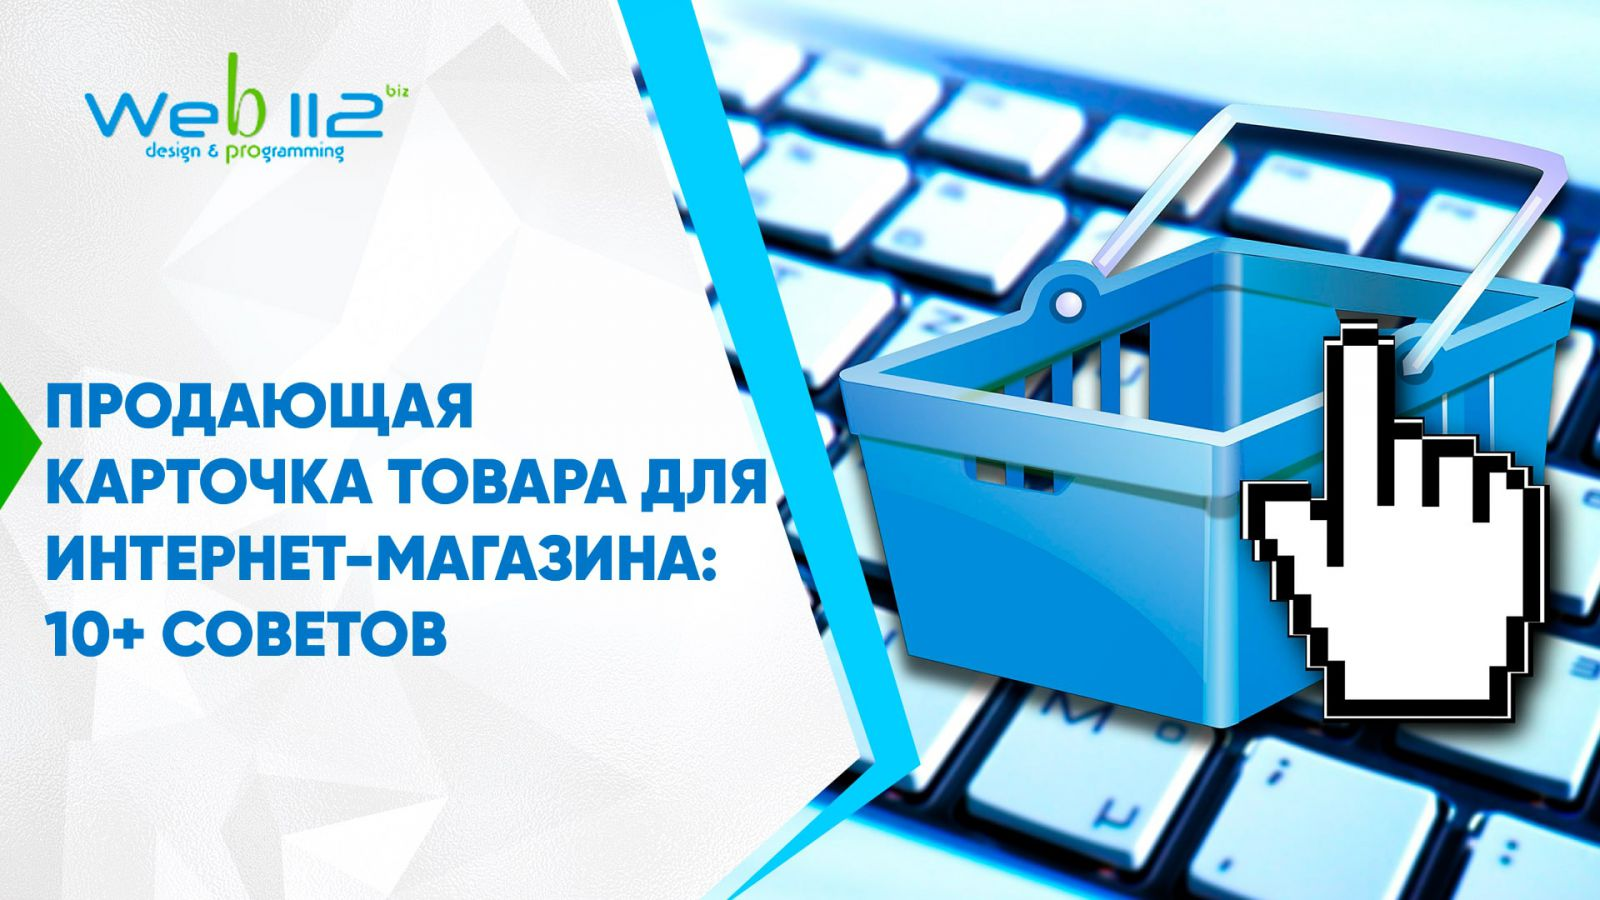 Продающая карточка товара для интернет-магазина